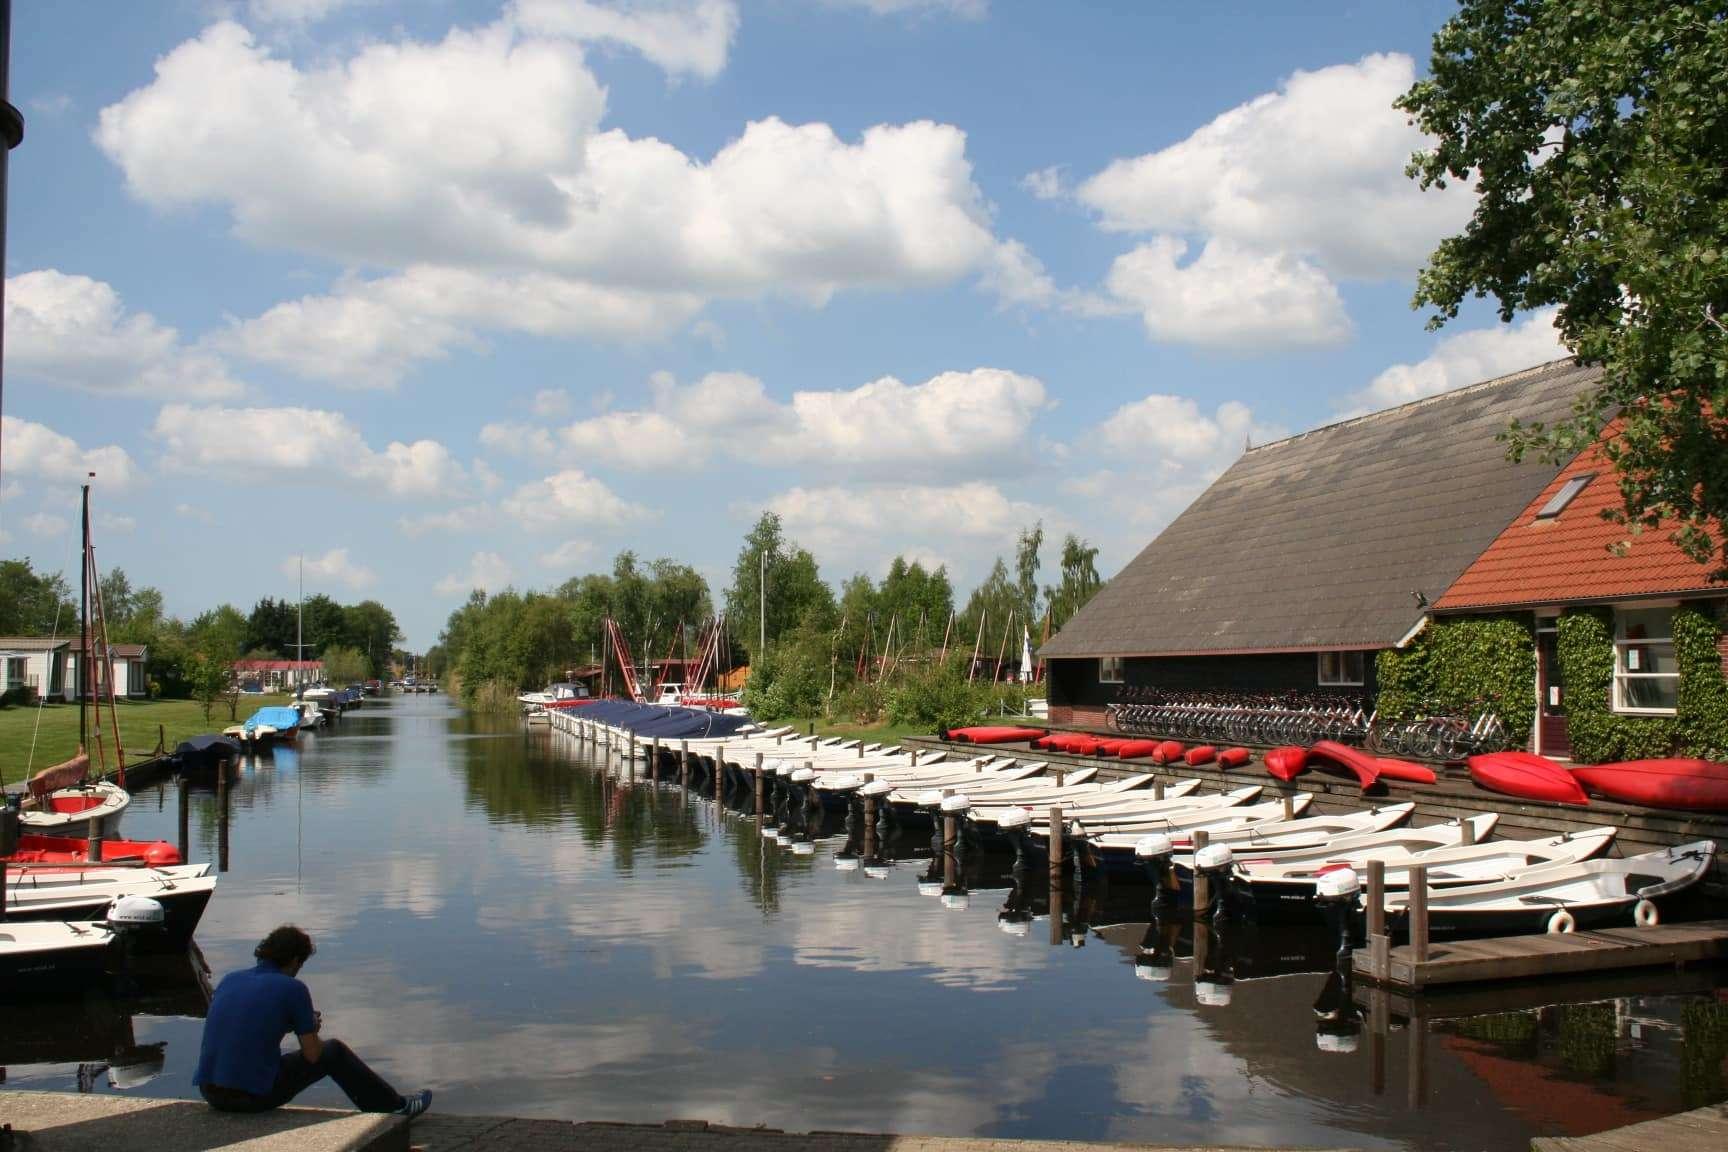 Bootverhuur op de camping in Eernewoude